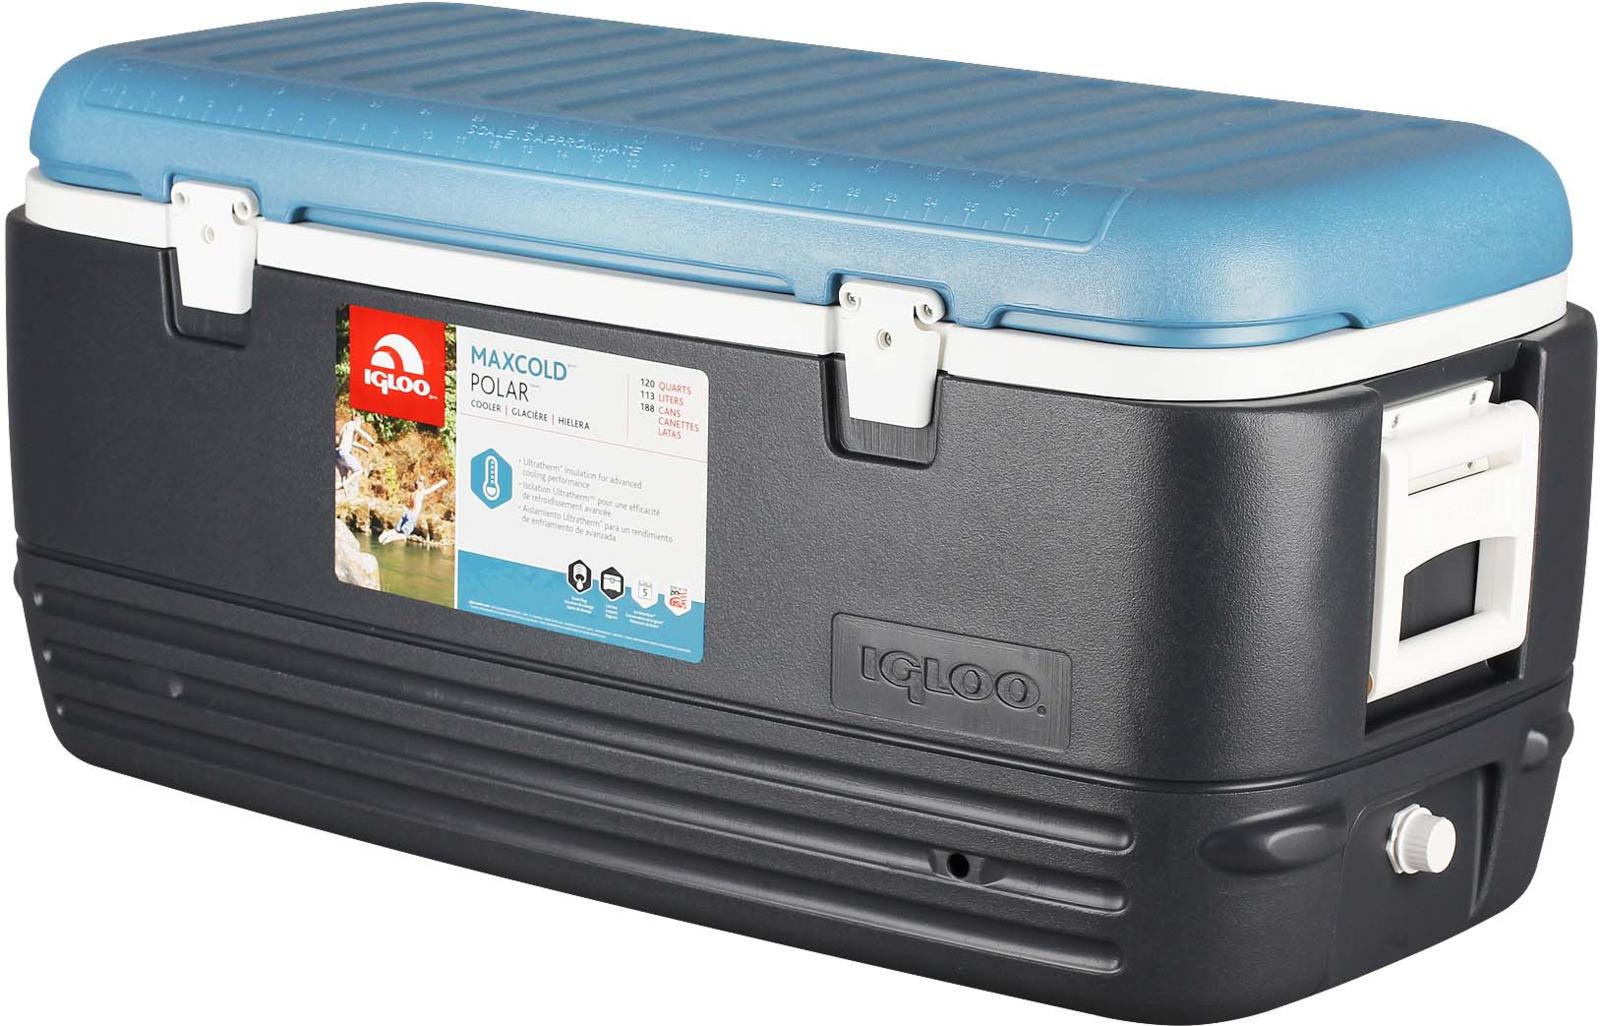 Контейнер изотермический пластиковый Igloo MaxCold Polar 120, 49497, темно-синий